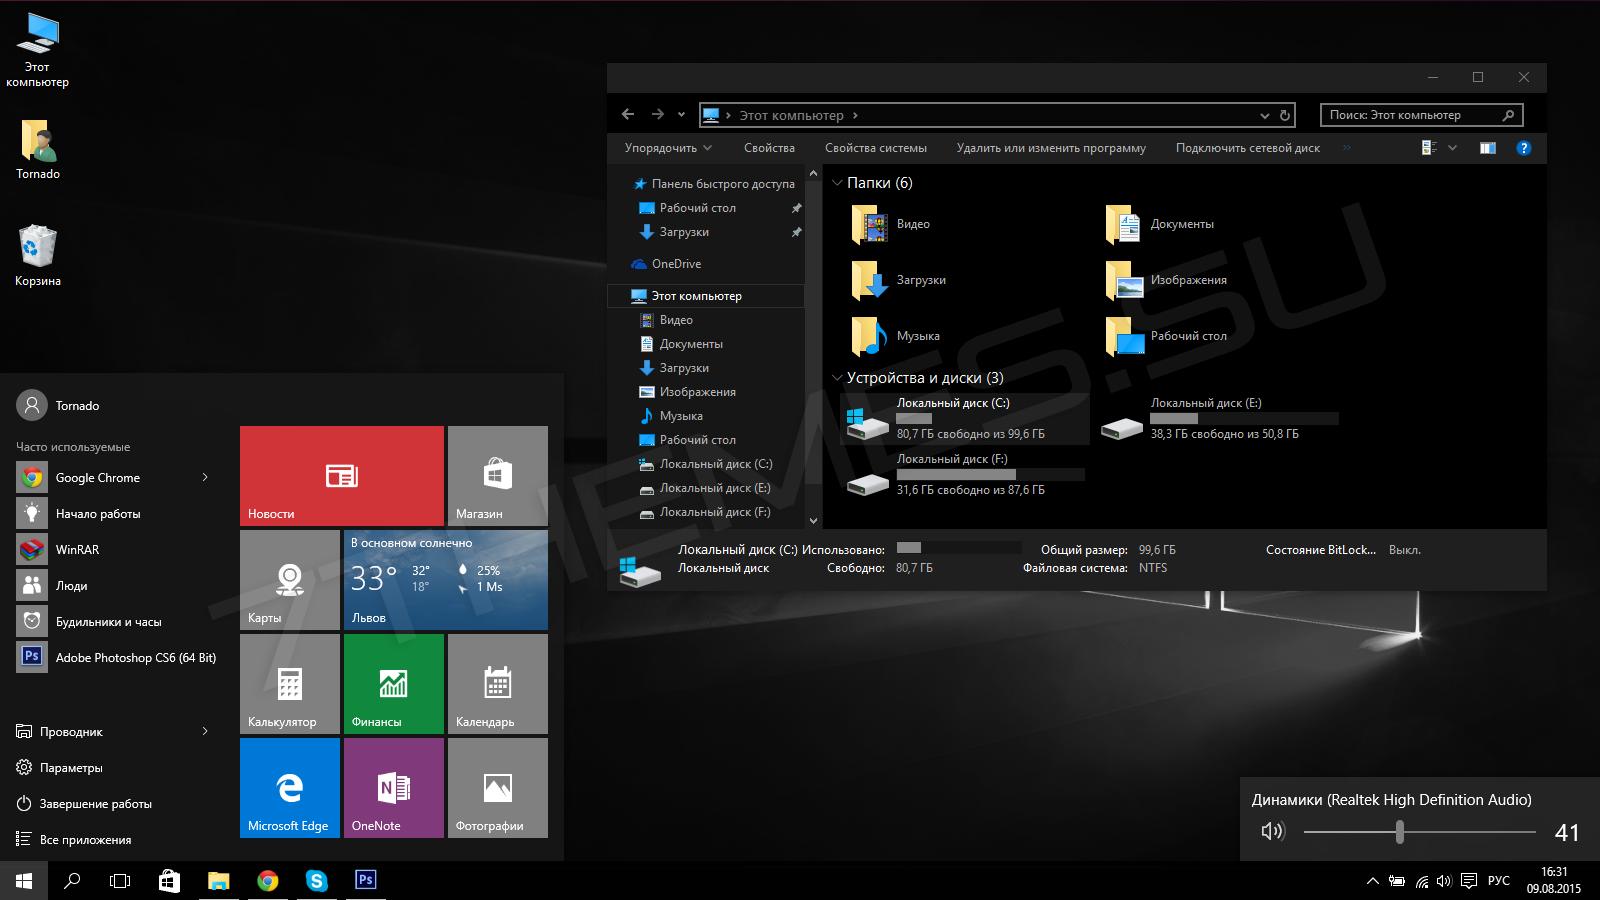 Где хранятся стандартные обои для рабочего стола в Windows 10? 47